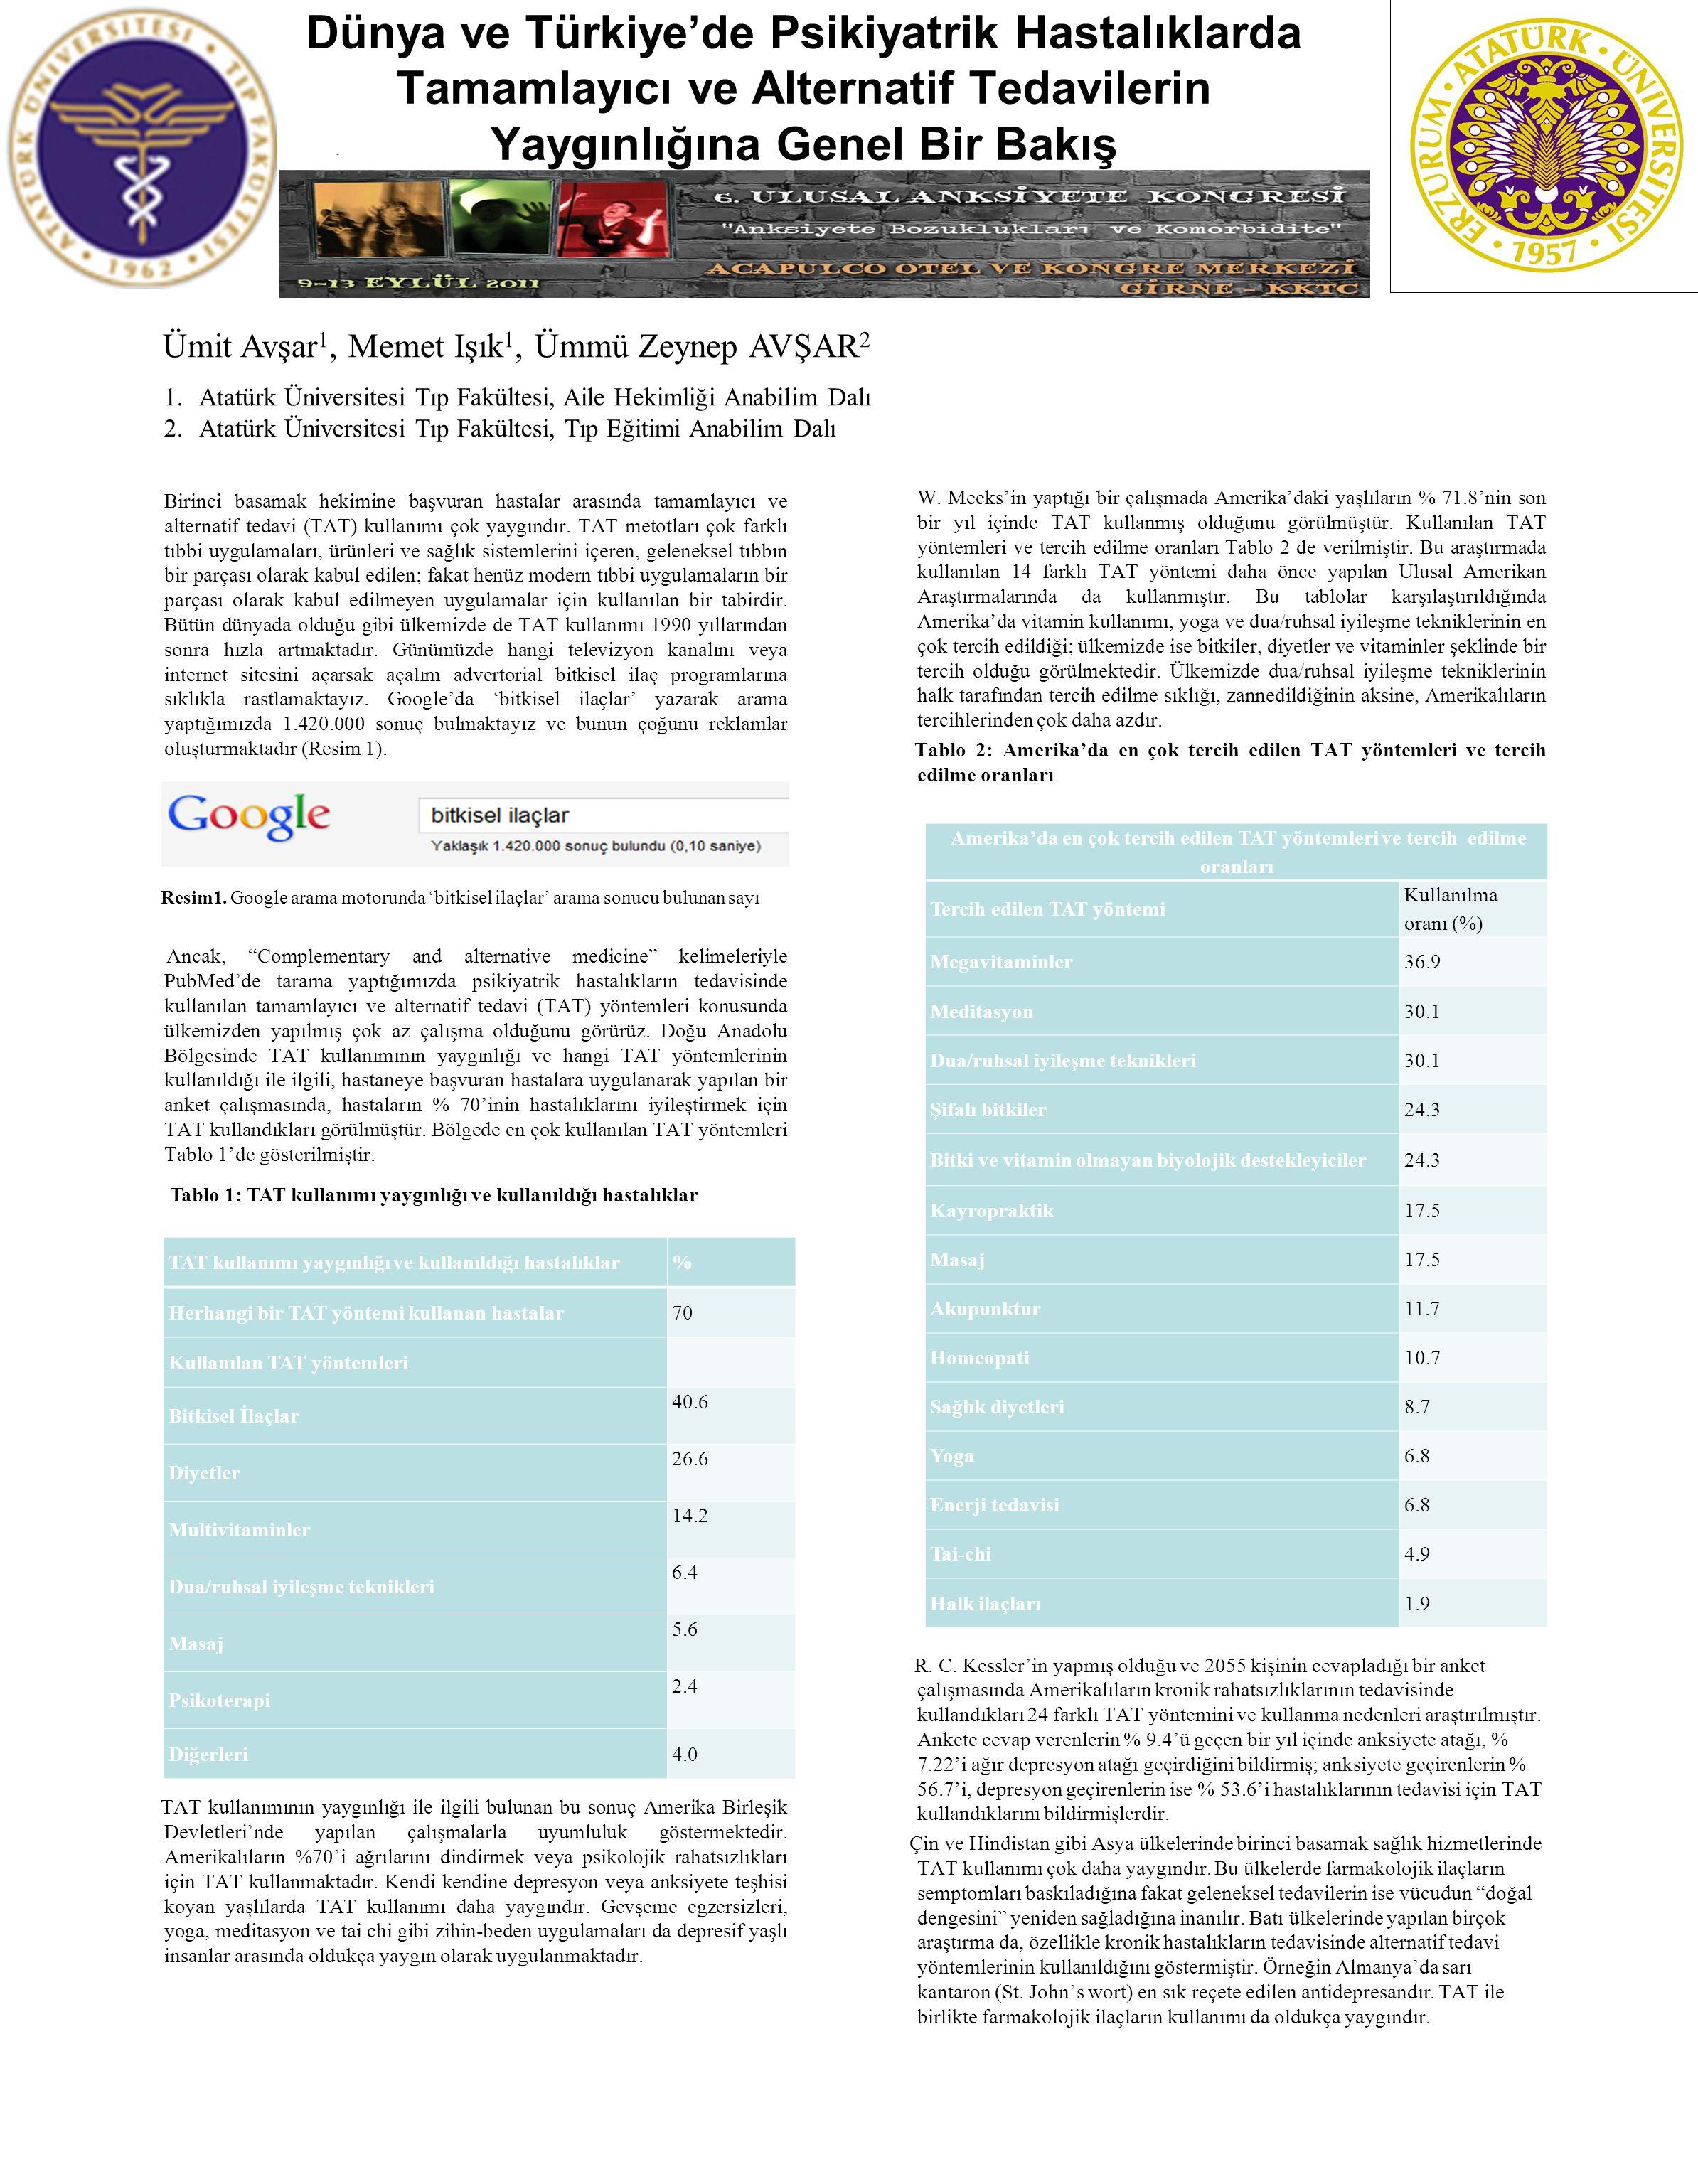 Dünya ve Türkiye'de Psikiyatrik Hastalıklarda Tamamlayıcı ve Alternatif Tedavilerin Yaygınlığına Genel Bir Bakış